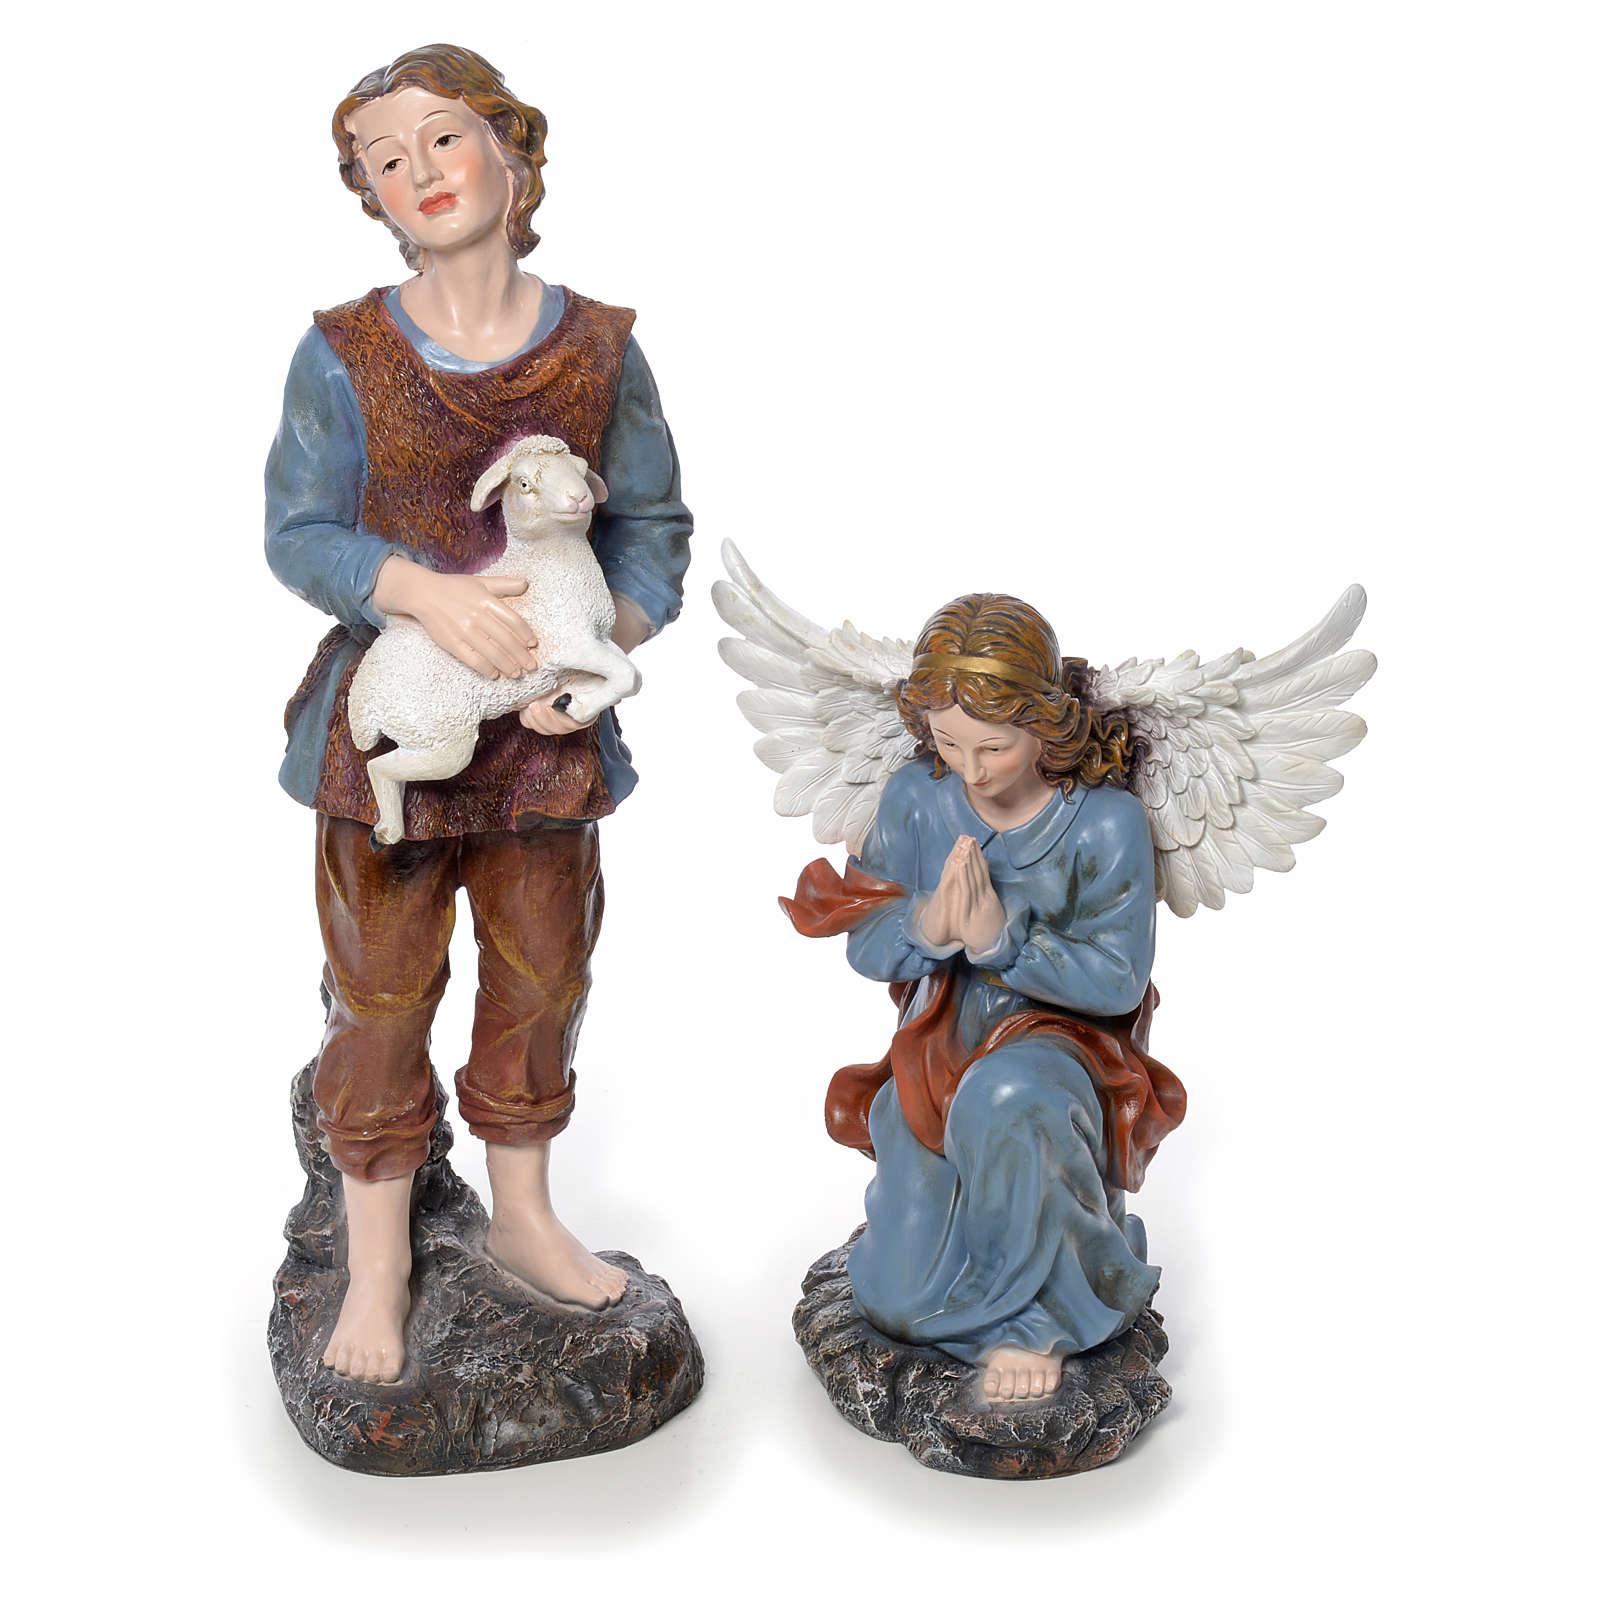 Presepe completo in resina 85 cm 12 statue 4